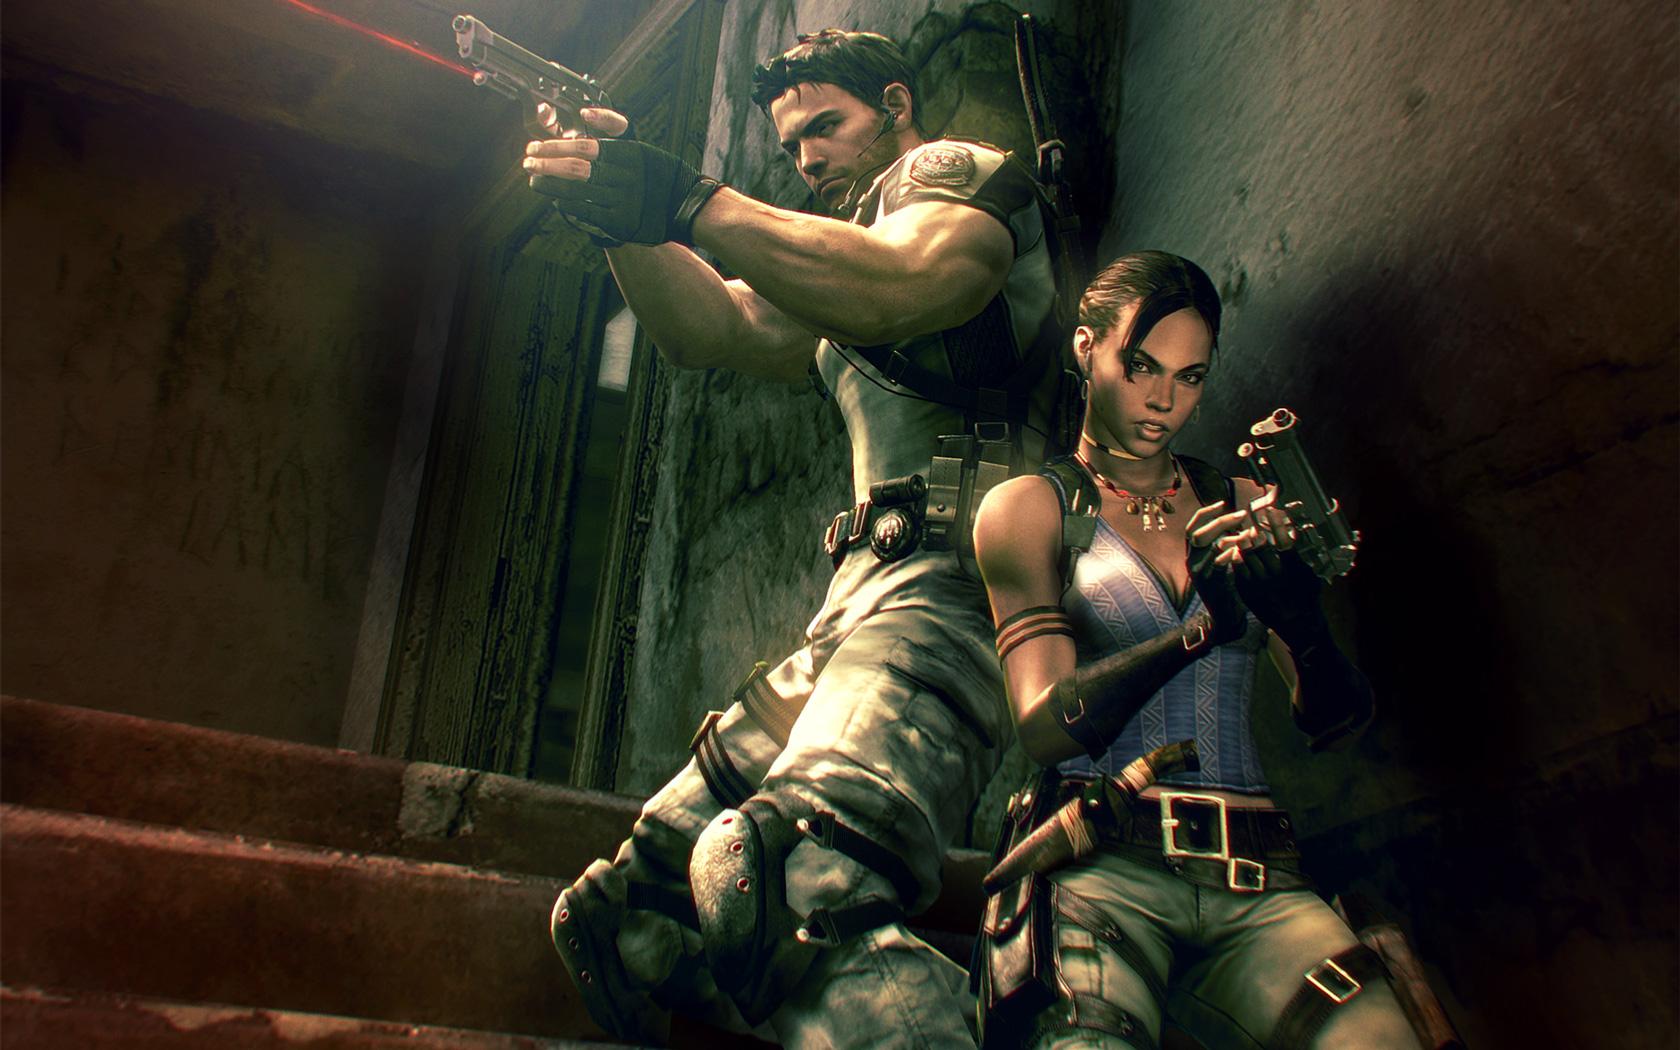 Free Resident Evil 5 Wallpaper in 1680x1050